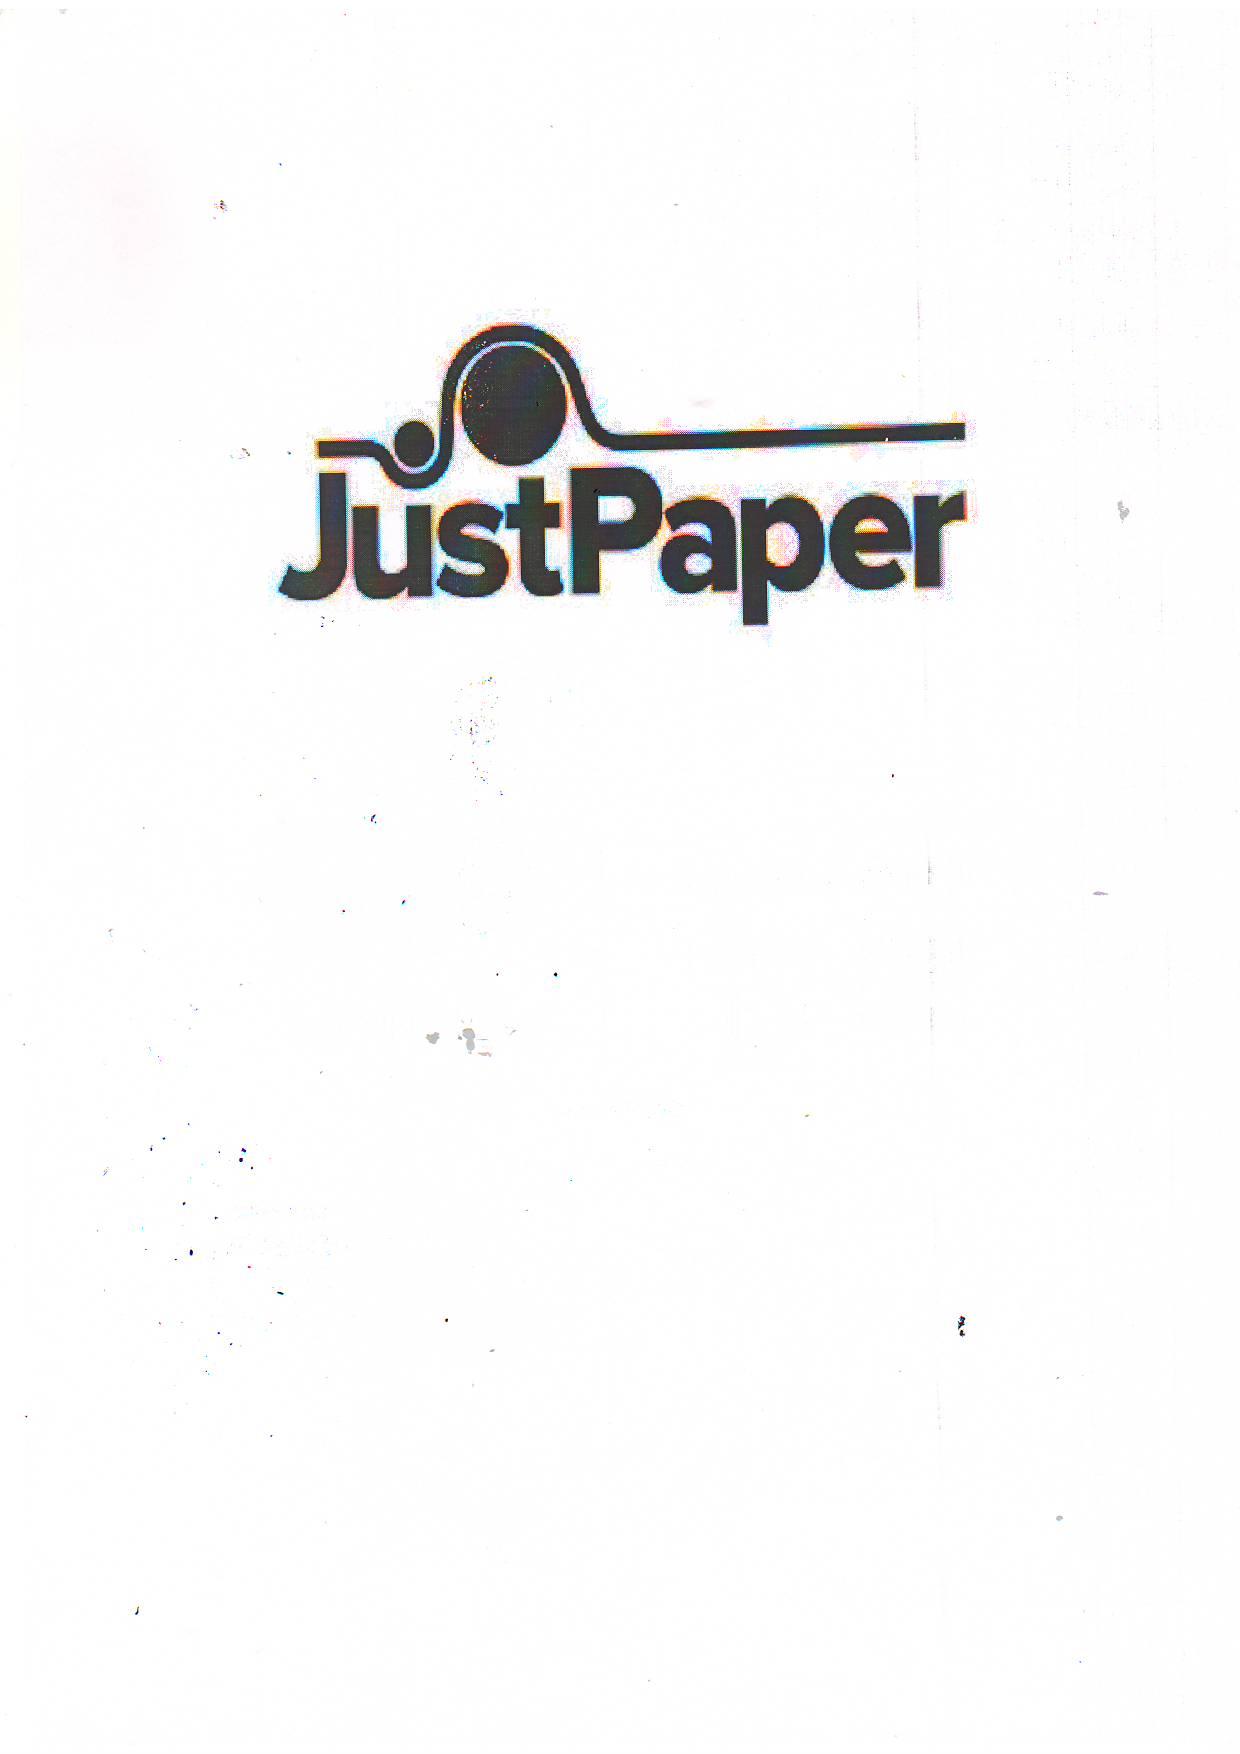 Just paper doo